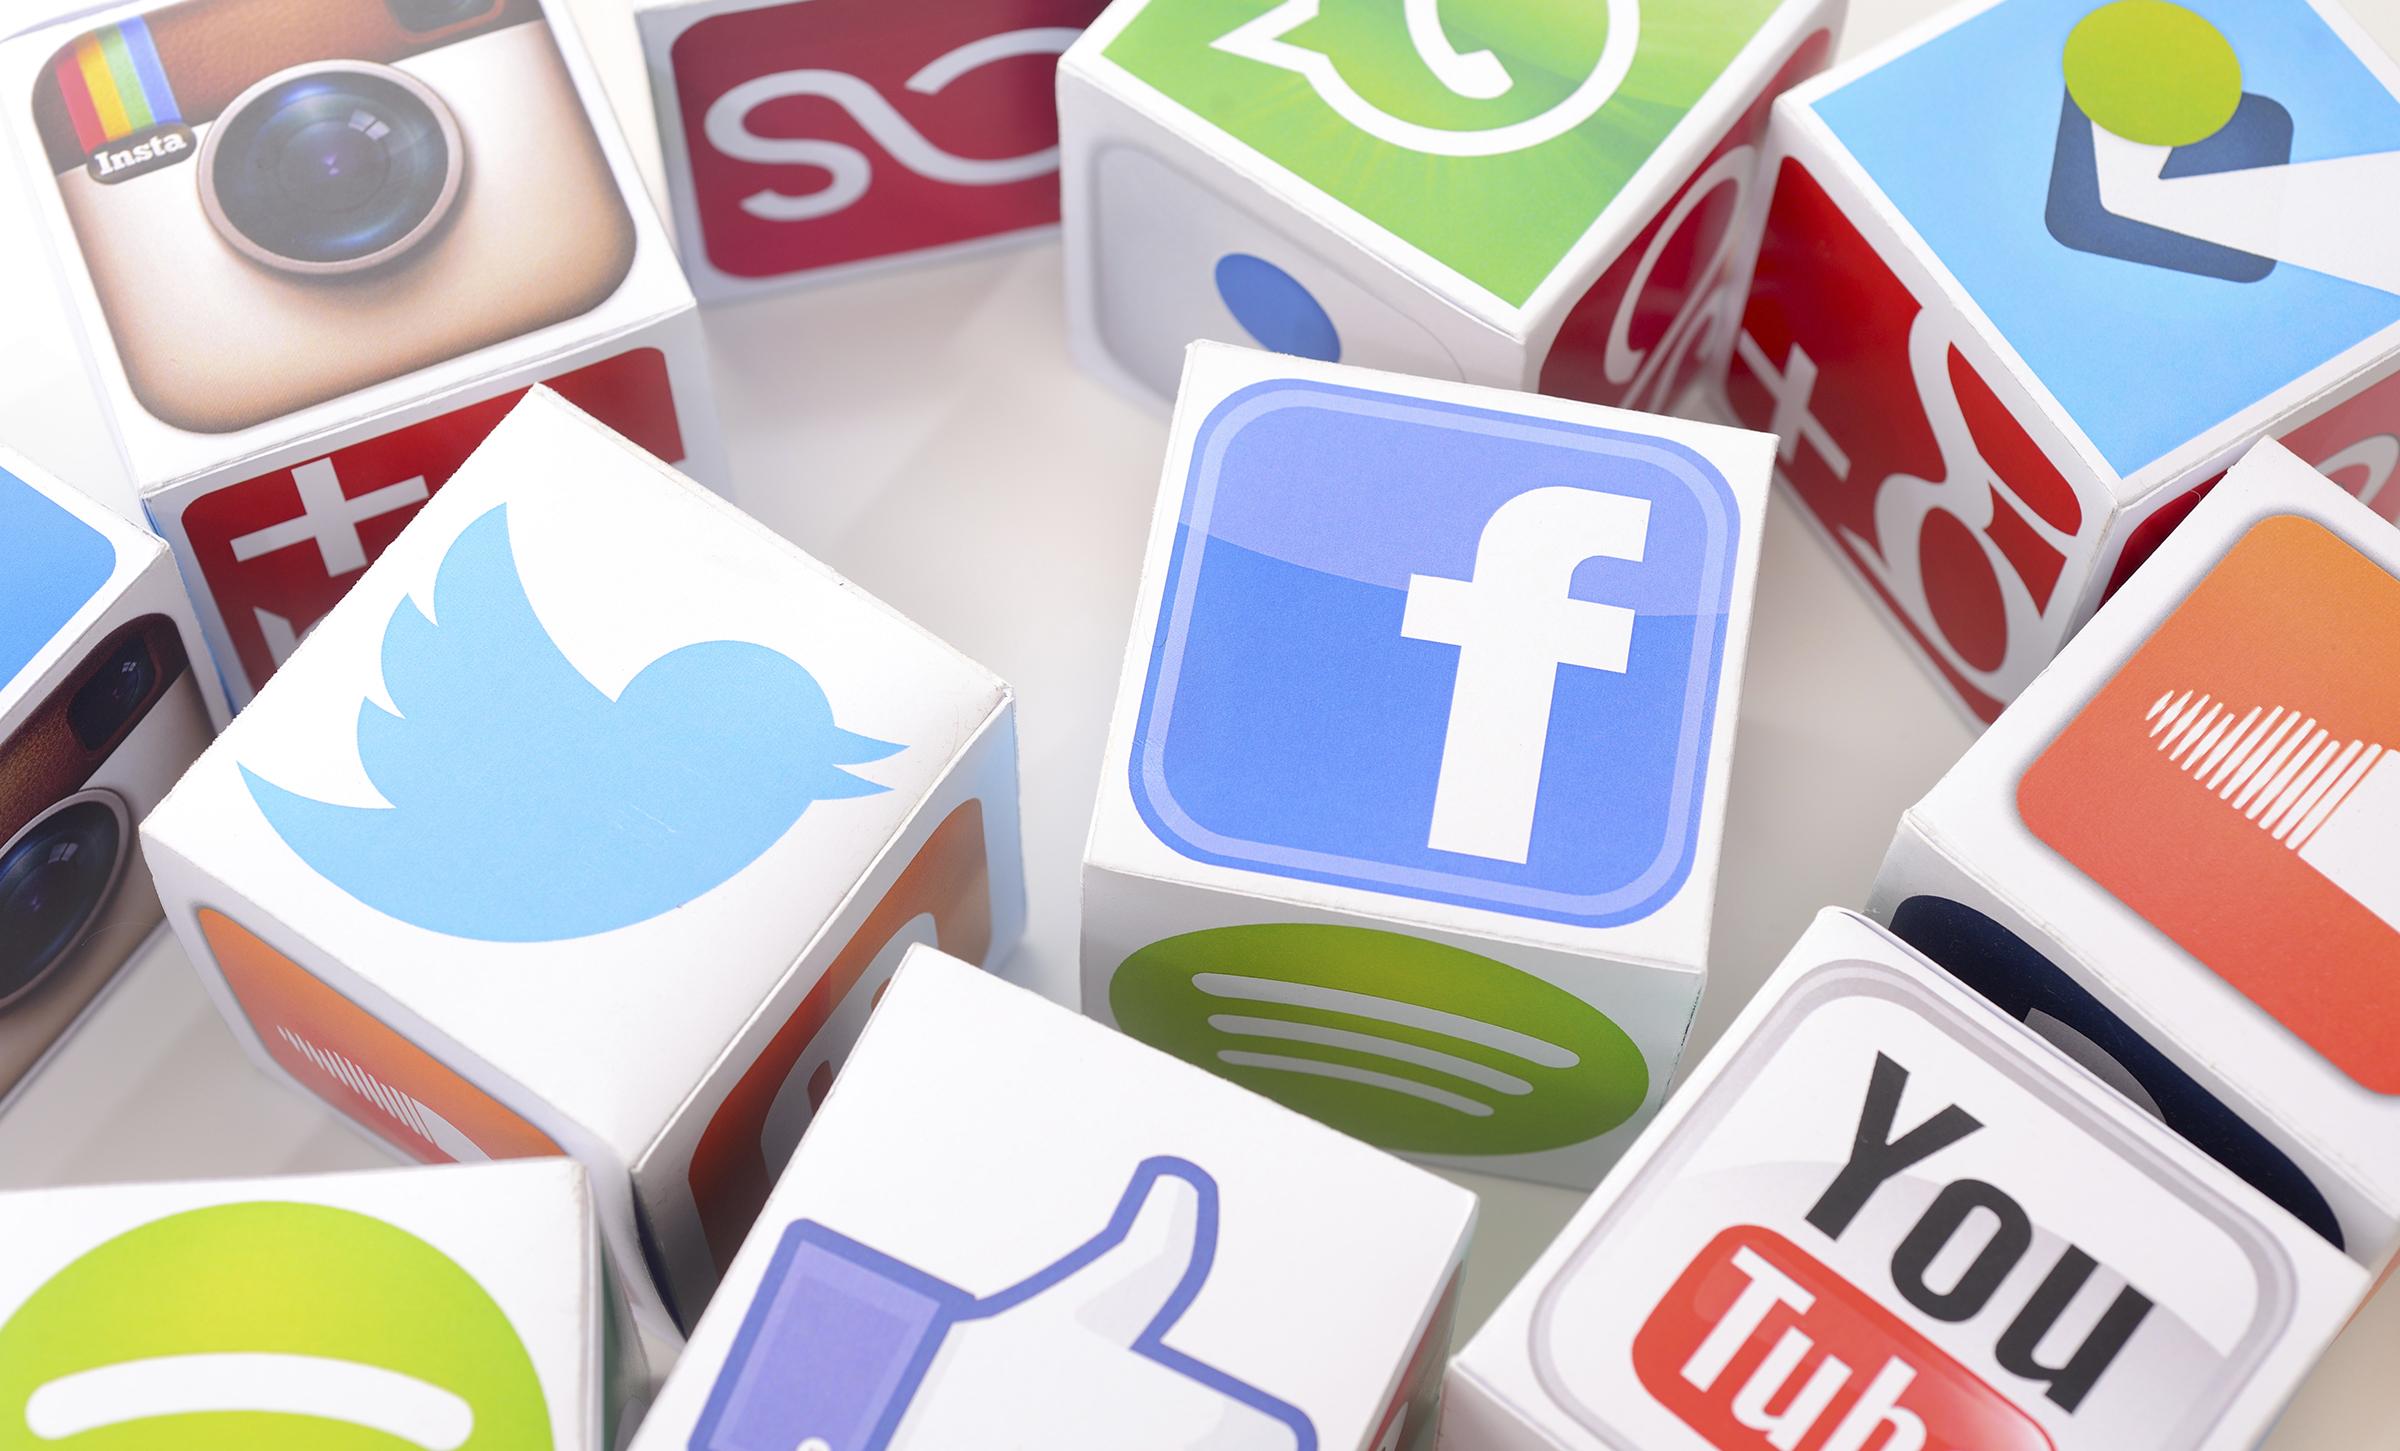 social-media-icons-small